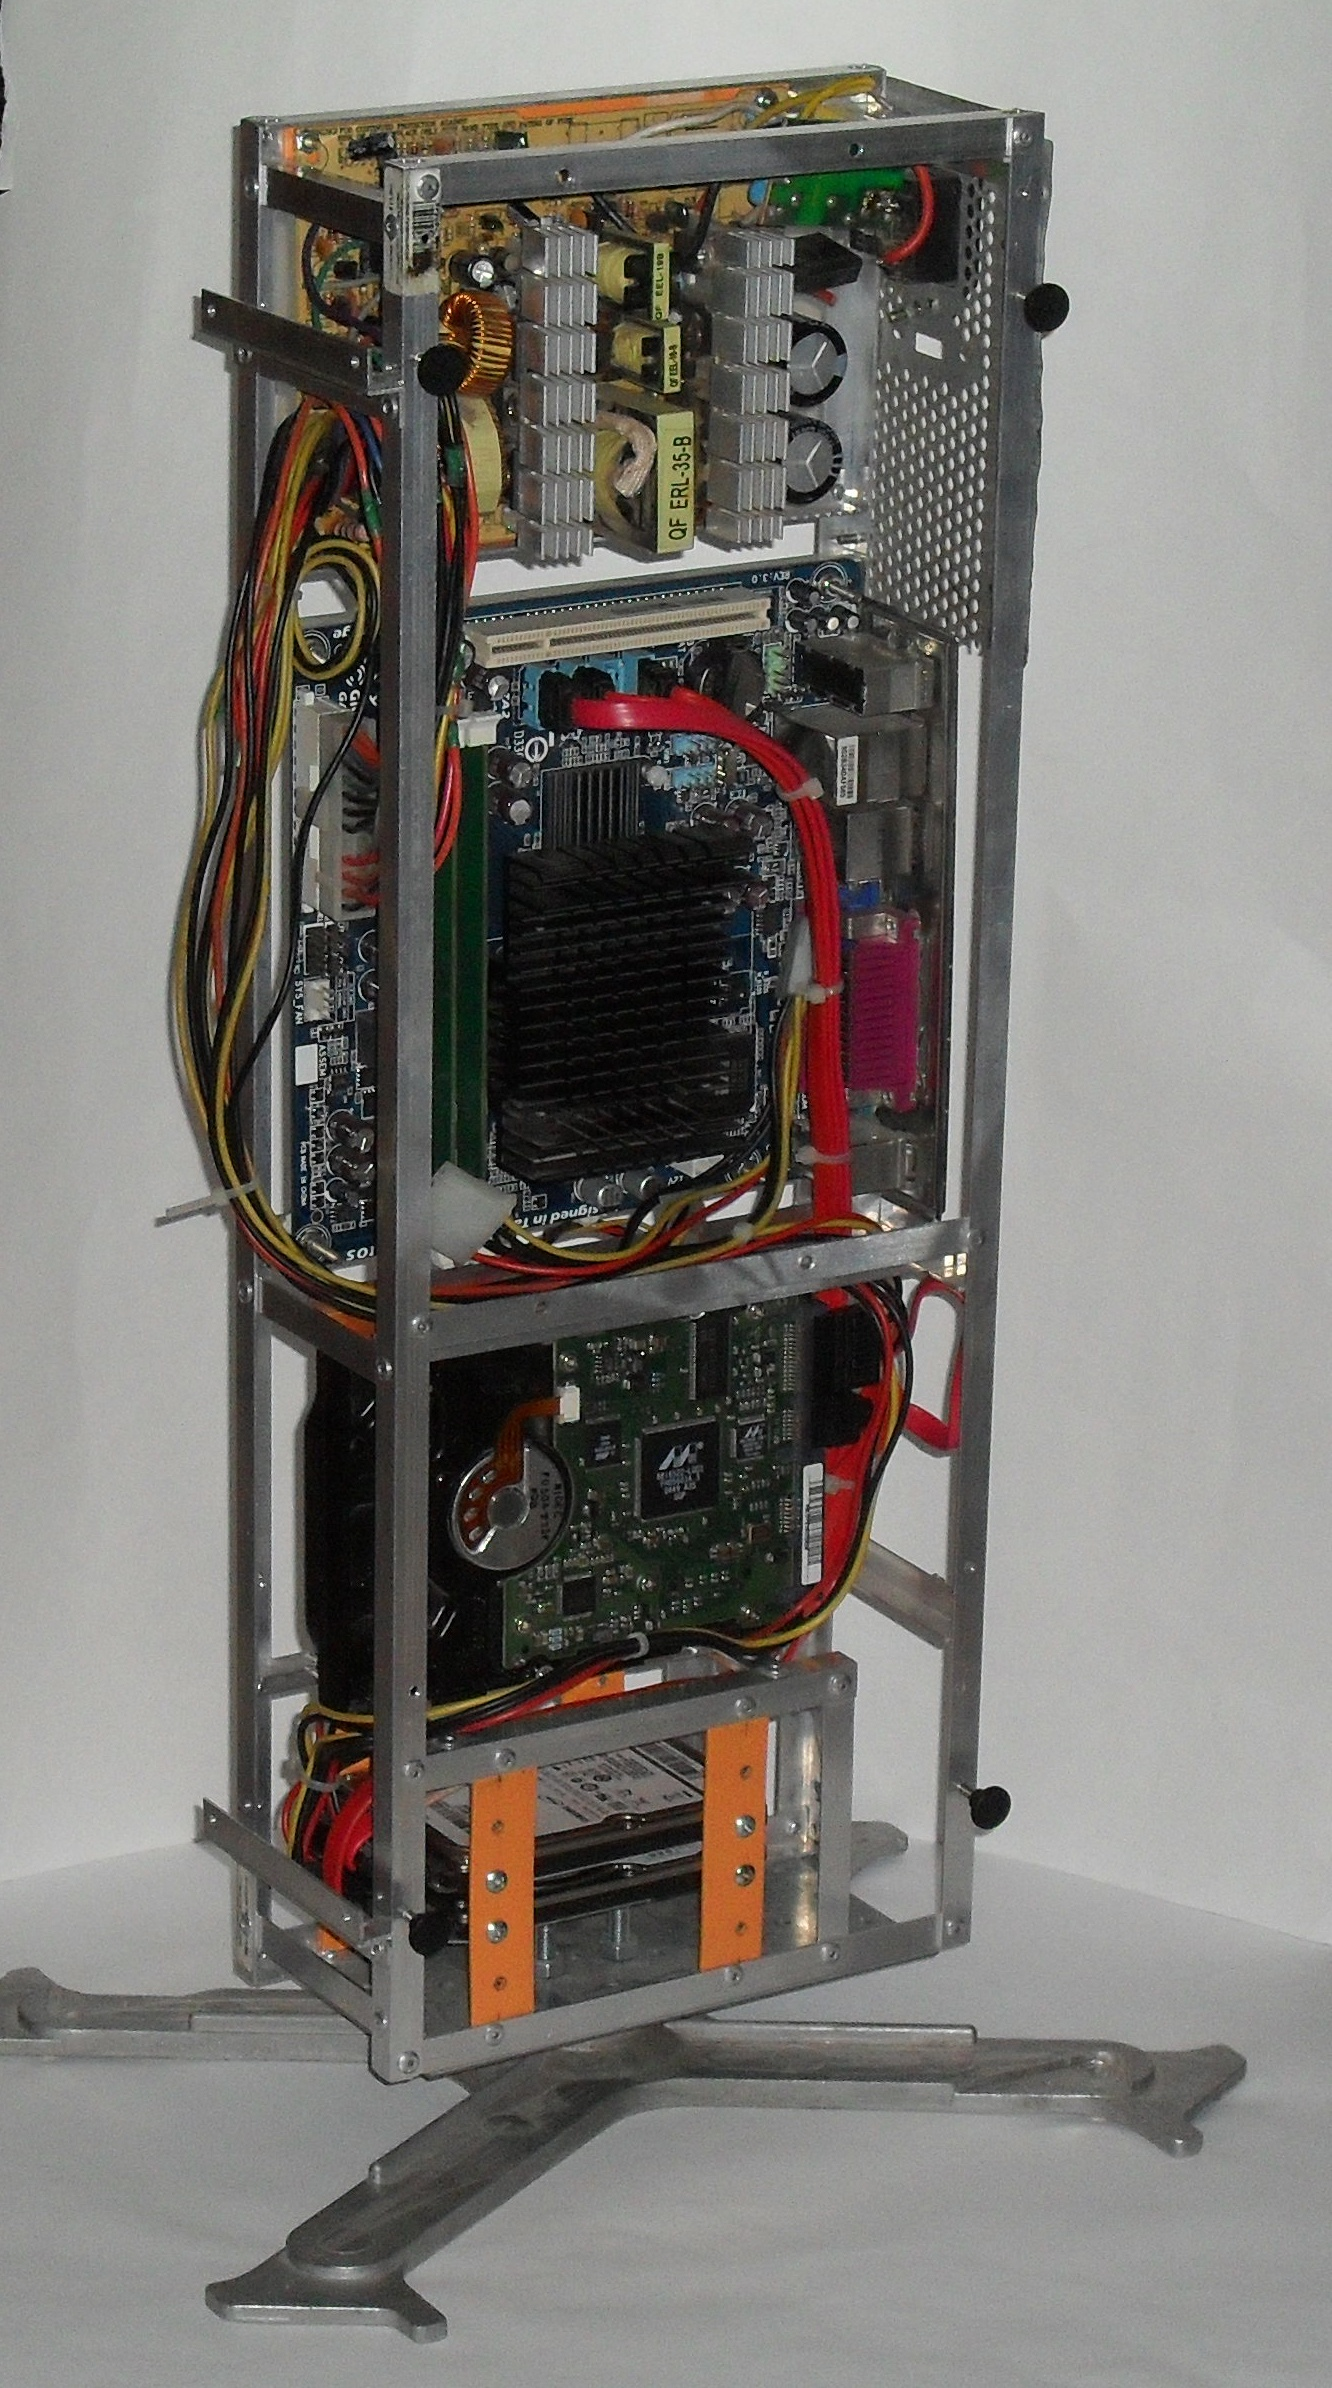 Еще один сервер из подручных средств с претензией на красоту - 21